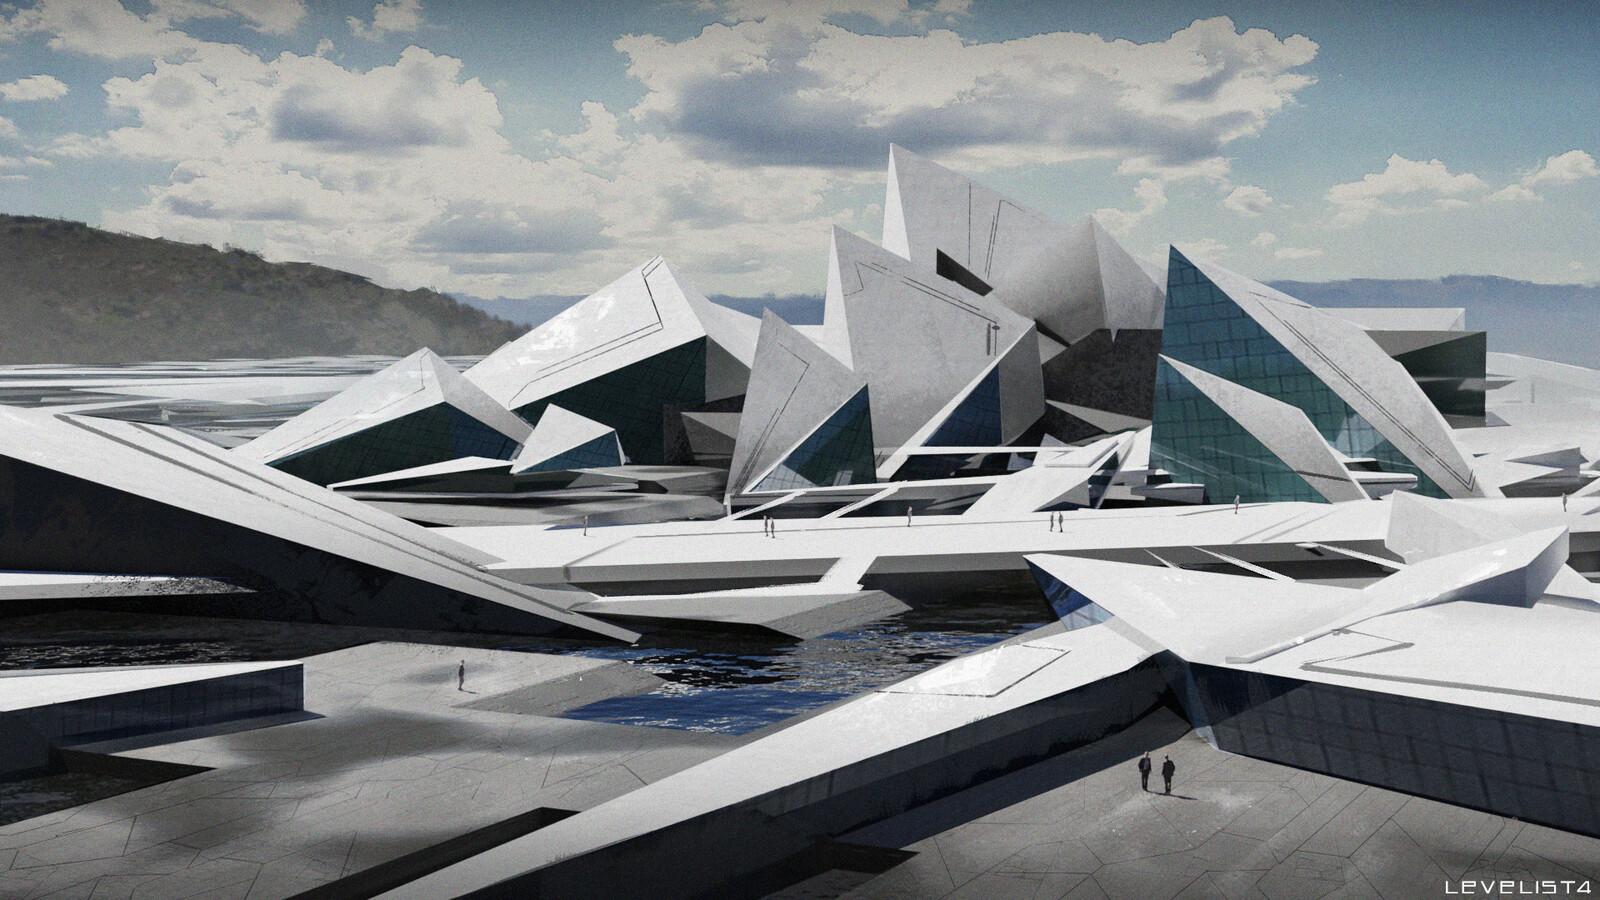 Deconstructivist architecture exploration